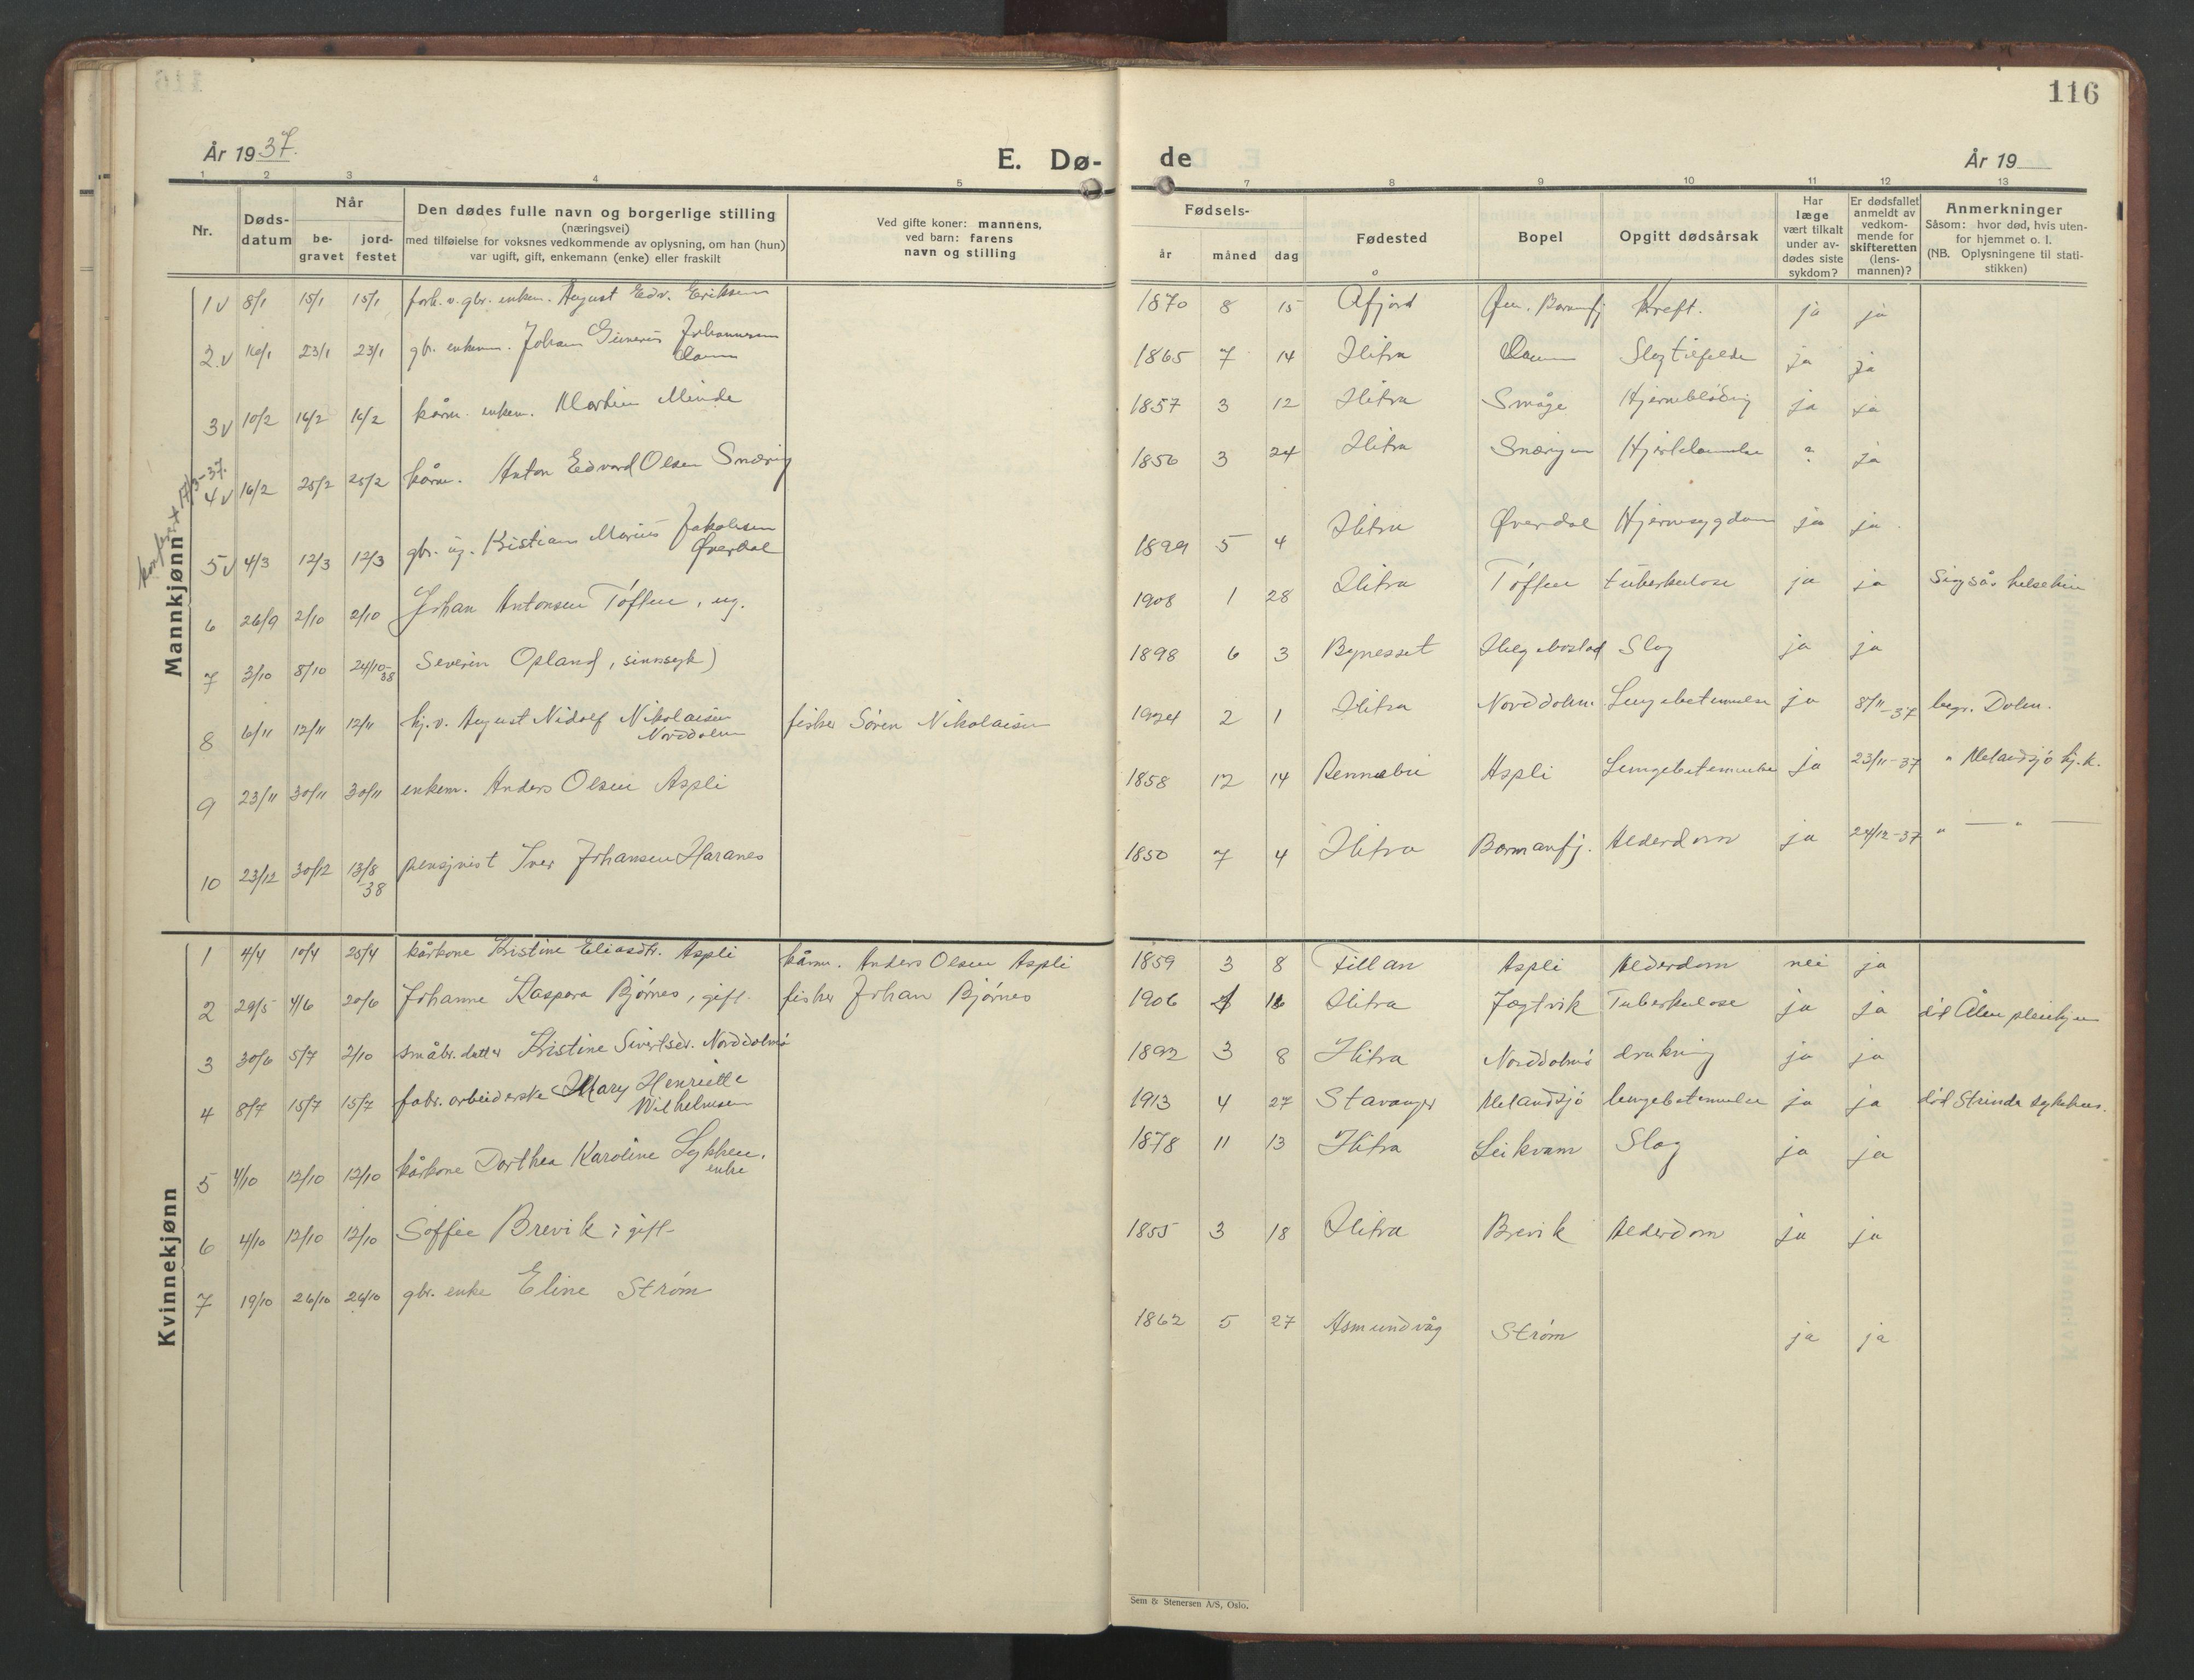 SAT, Ministerialprotokoller, klokkerbøker og fødselsregistre - Sør-Trøndelag, 634/L0544: Klokkerbok nr. 634C06, 1927-1948, s. 116